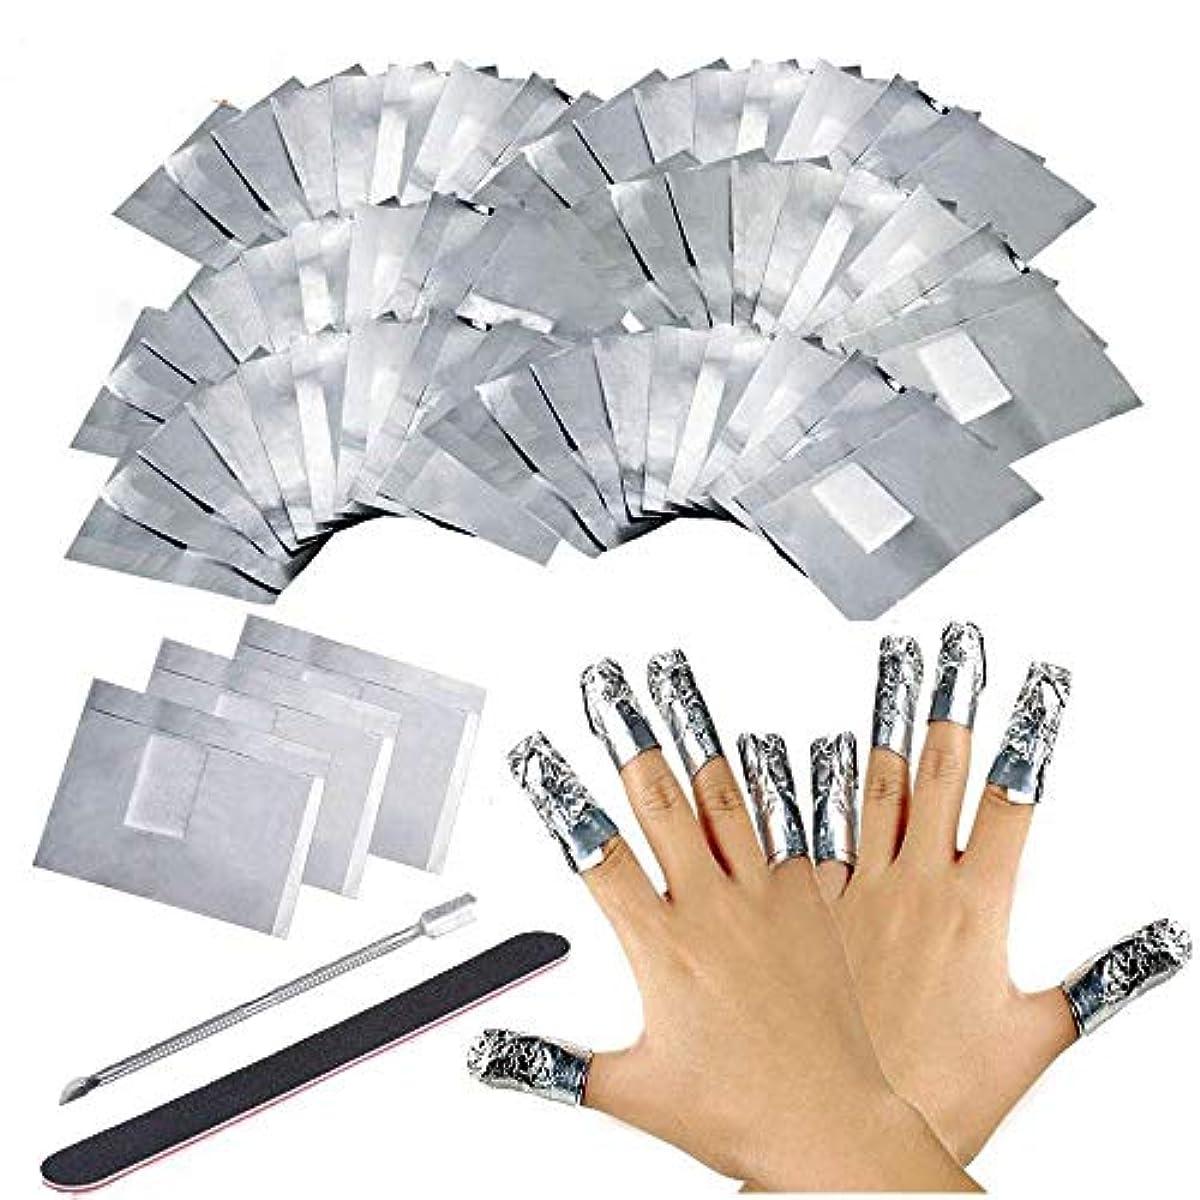 バンガロー触手特性200枚 ジェルネイル リムーバー アセトン ジェル 使い捨て ネイル用品, ジェルオフリムーバー アクリルUVジェル, 付き 1本ネイルオフプッシャー そして 1本 ネイルファイル